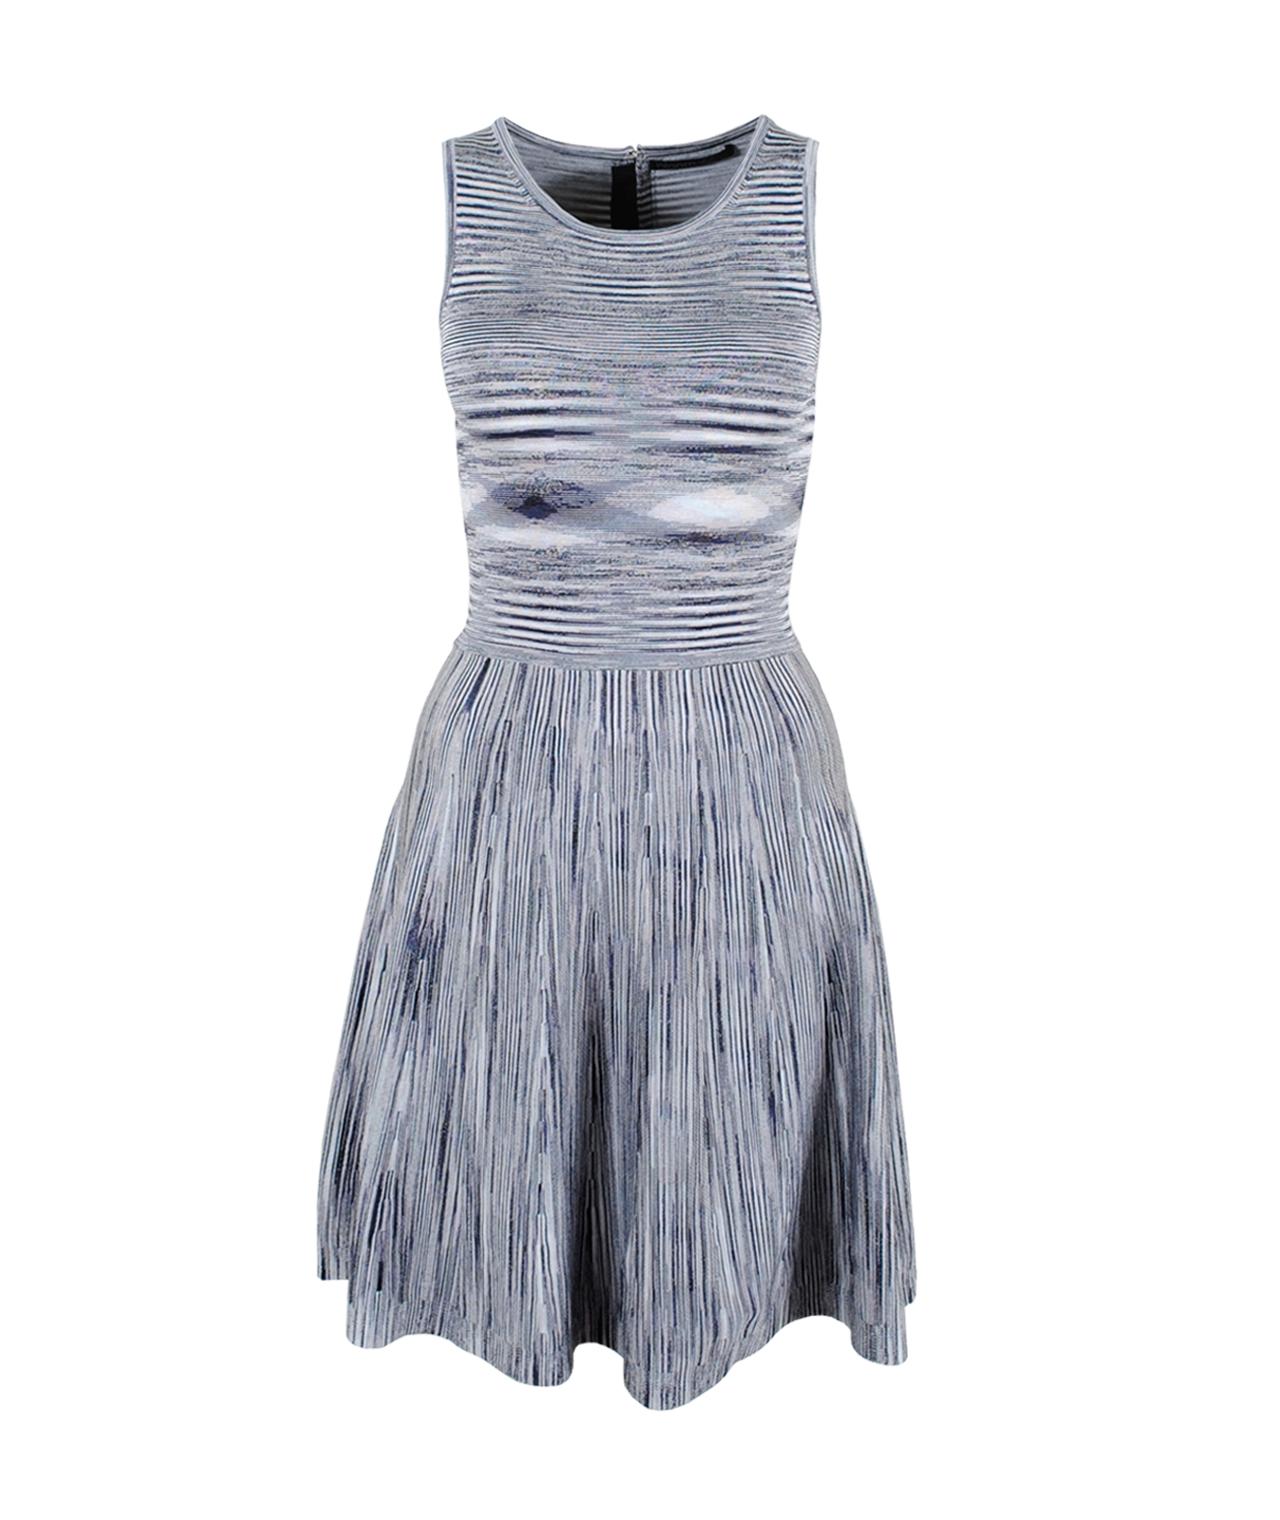 Designer Kreativ Kleid A Form für 2019Designer Elegant Kleid A Form für 2019